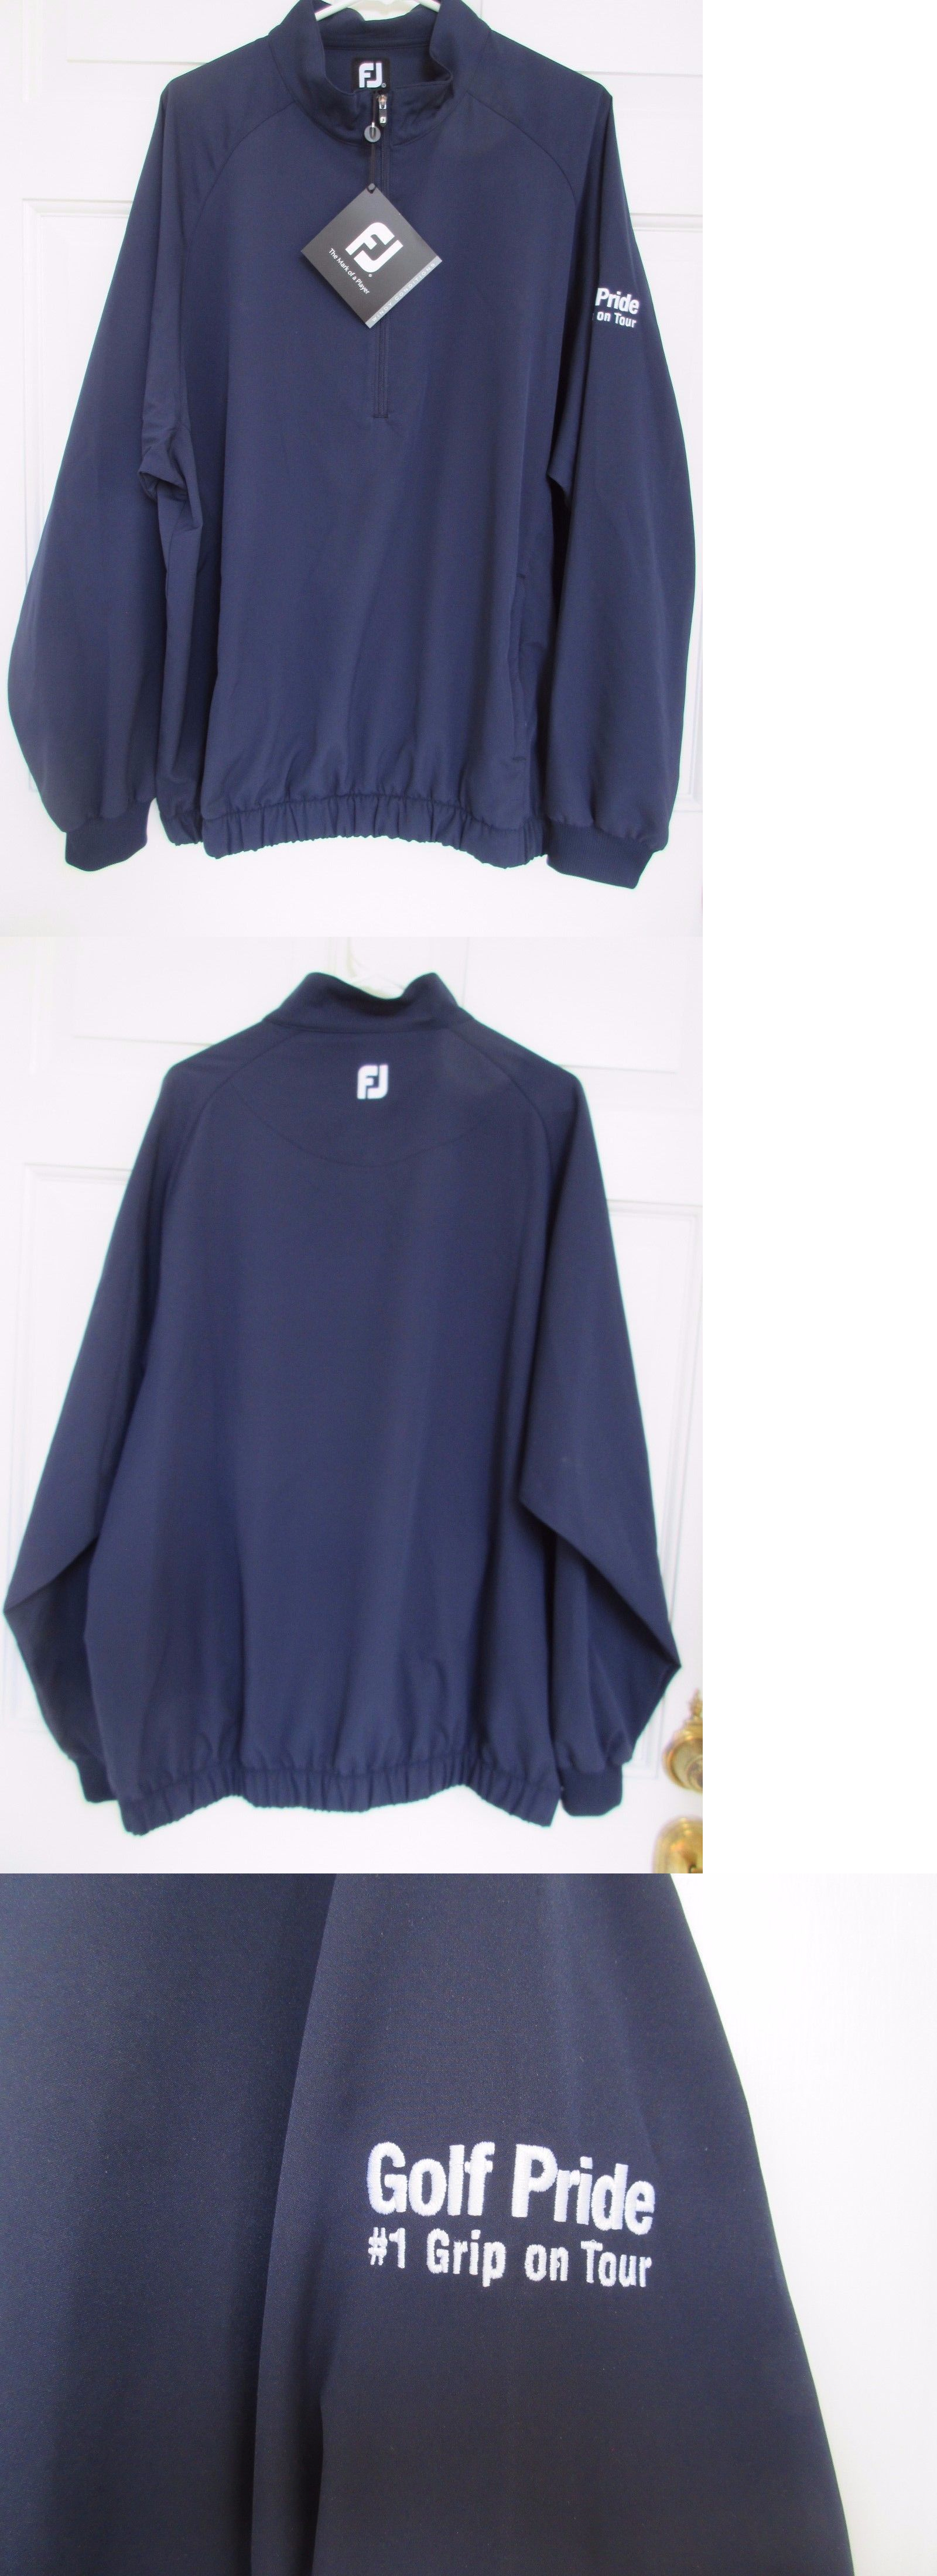 Coats and jackets footjoy half zip windshirt ue buy it now